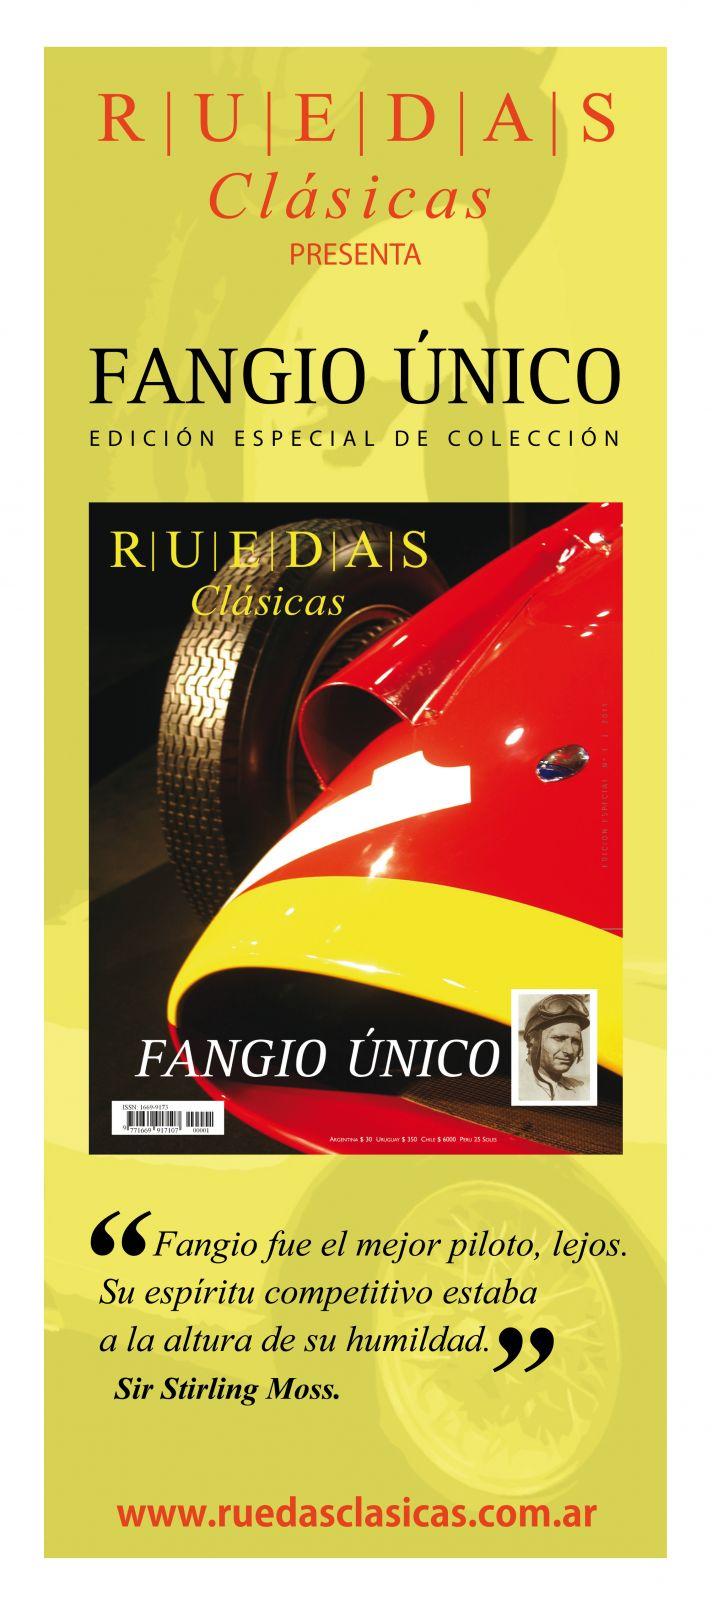 Banner Ruedas Clásicas Edición Especial Fangio